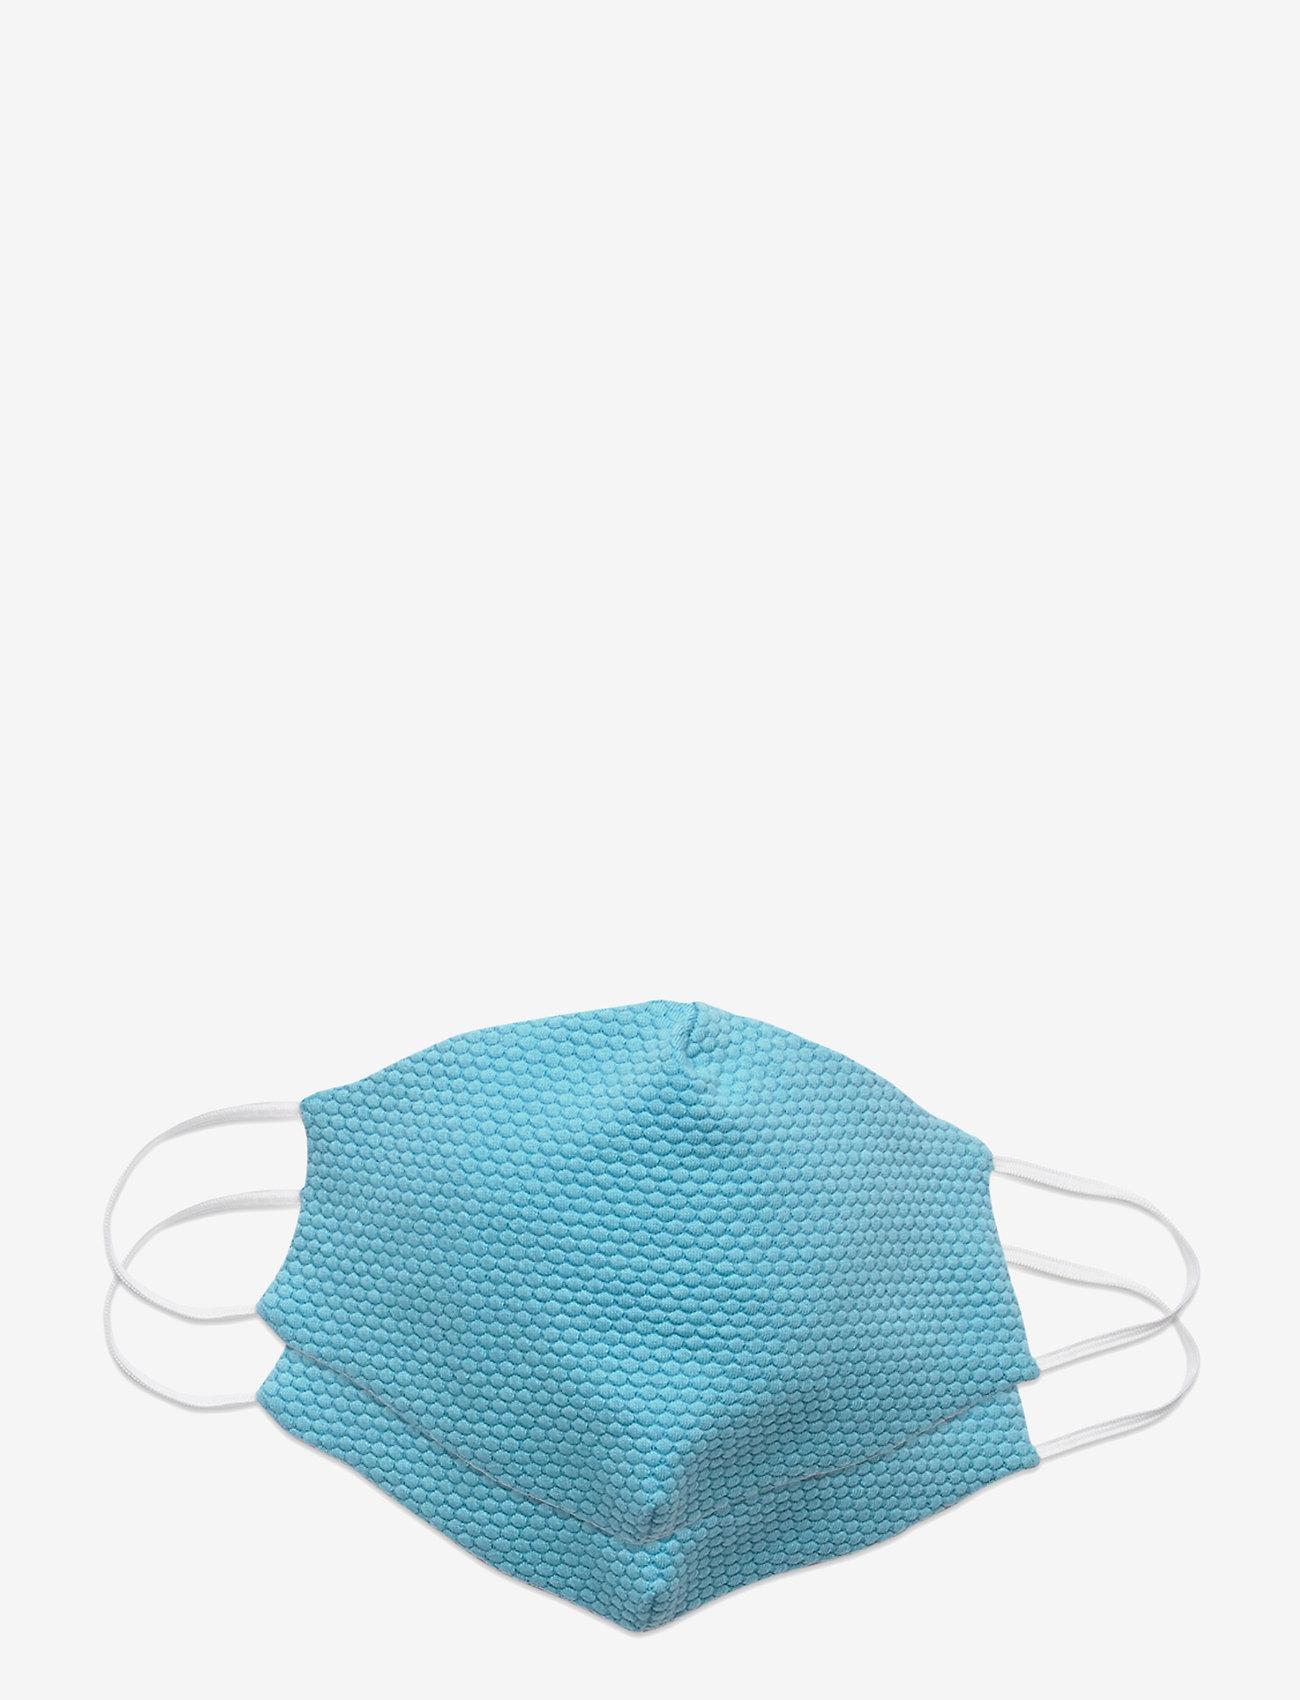 ORAS24 - Reusable face mask,2 pack, Kids 2-13 - ansiktsmasker - light blue - 1